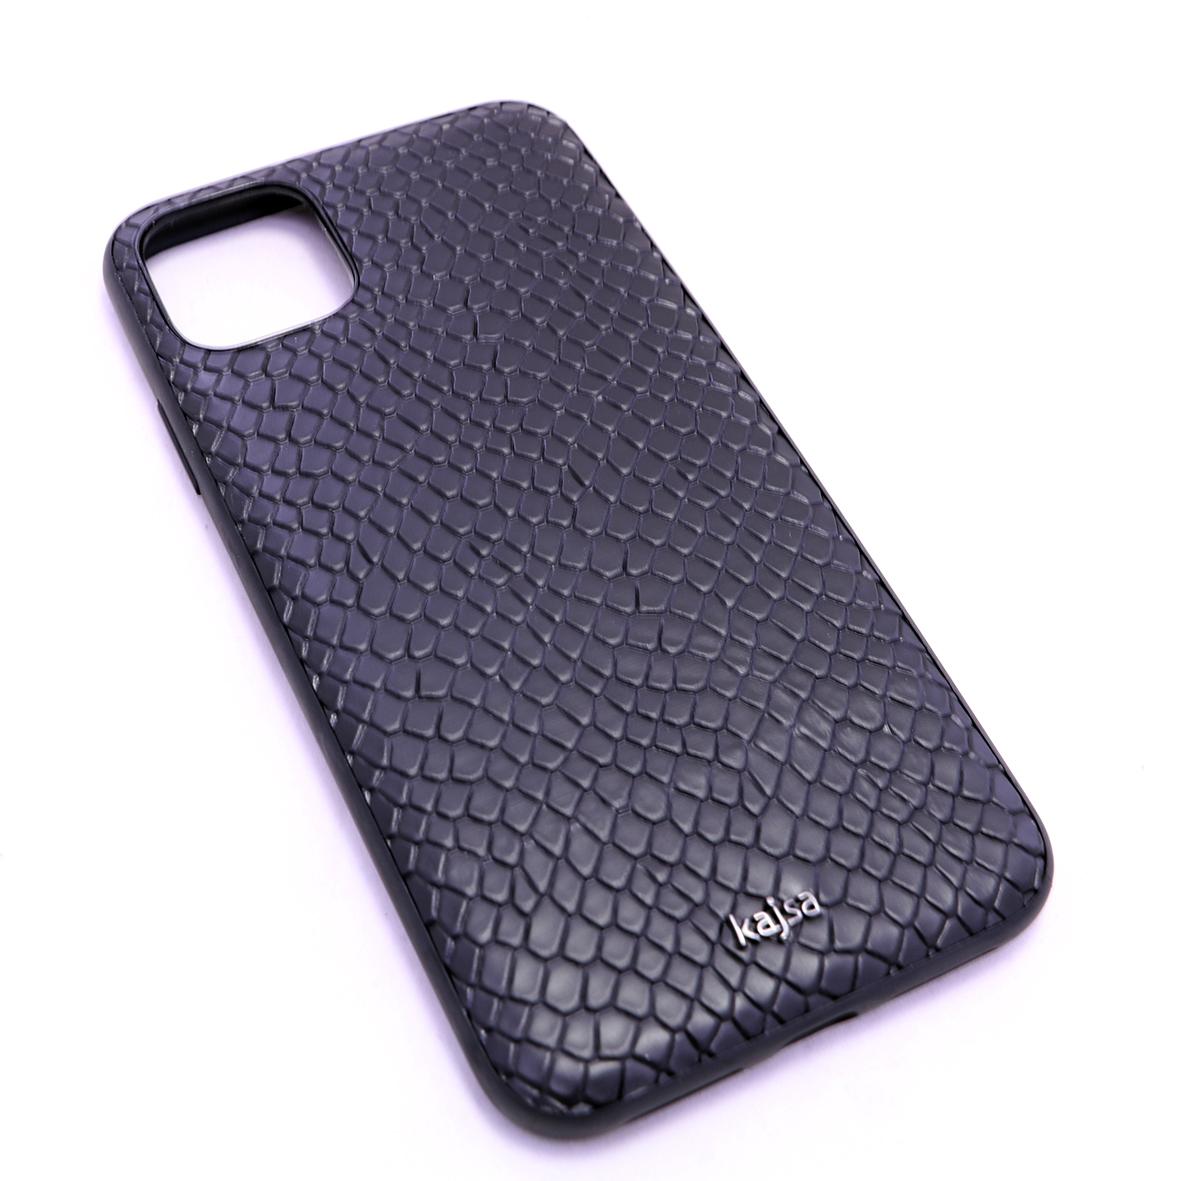 کاور کاجسا مدل KJ-1 مناسب برای گوشی موبایل اپل IPhone 11 Pro Max